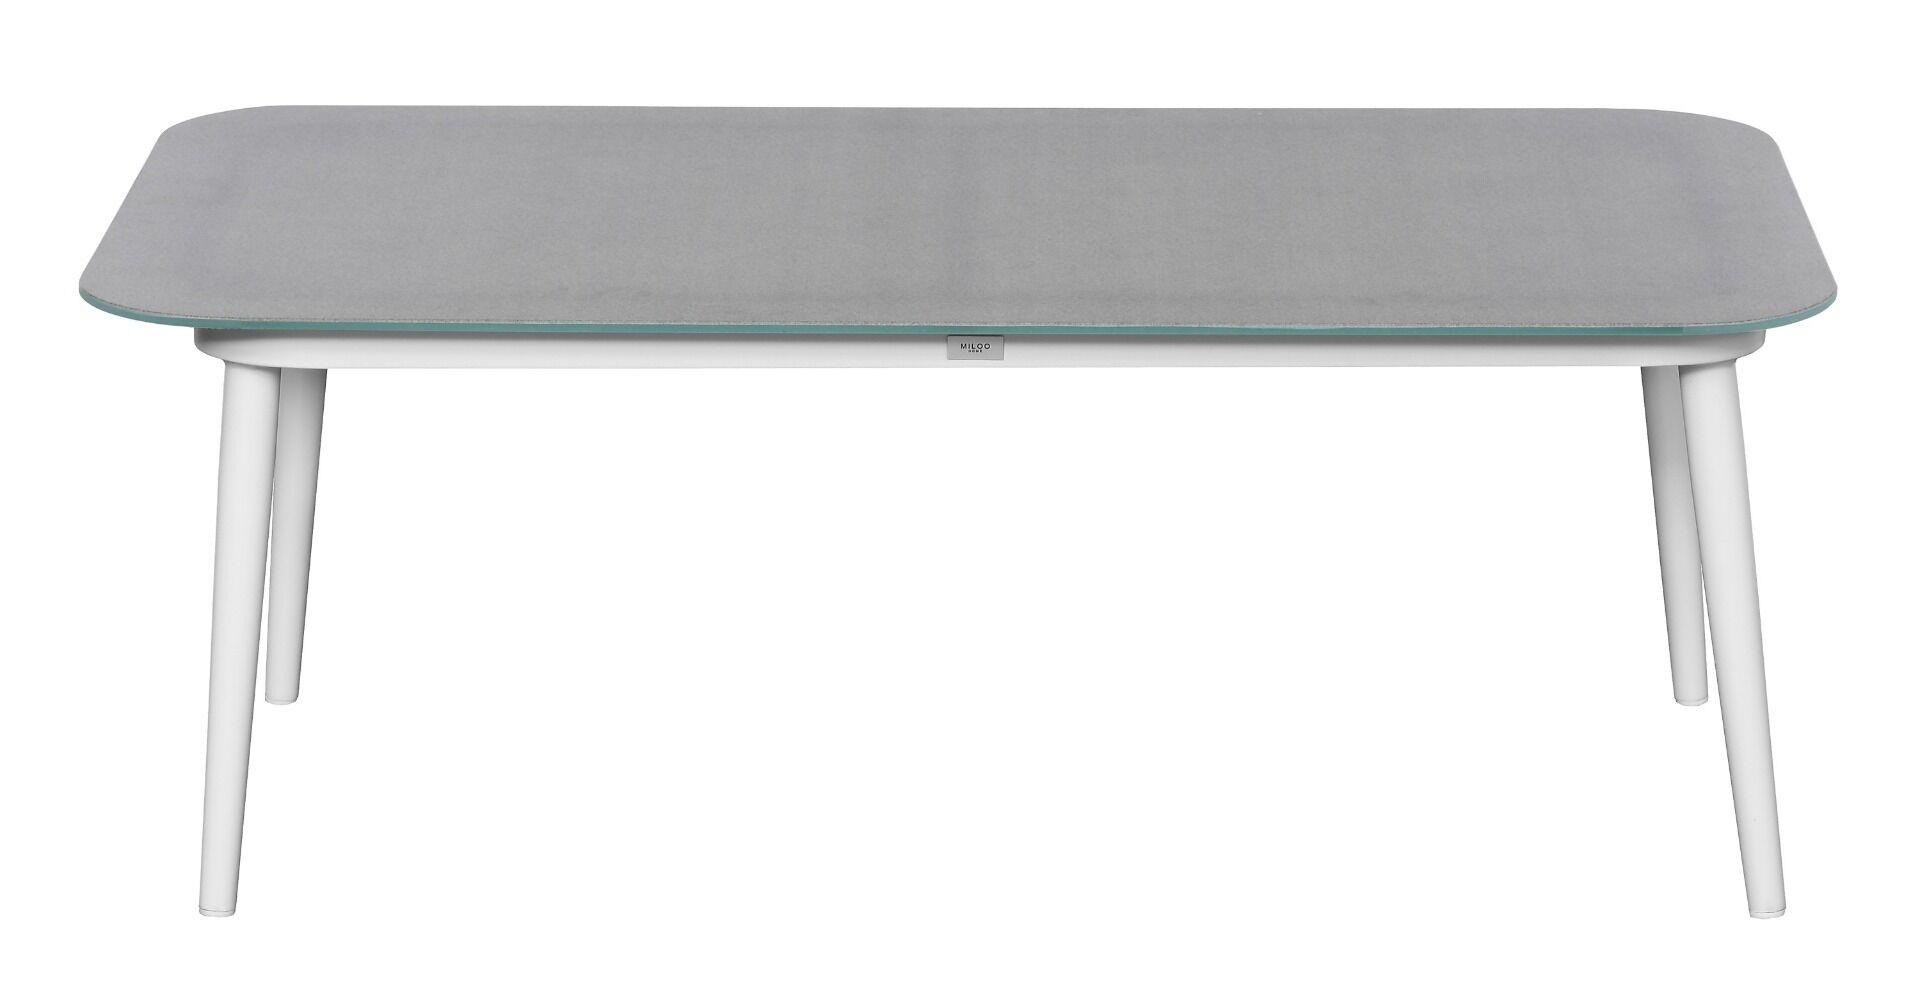 Zestaw mebli ogrodowych Akra 4 elementy aluminium